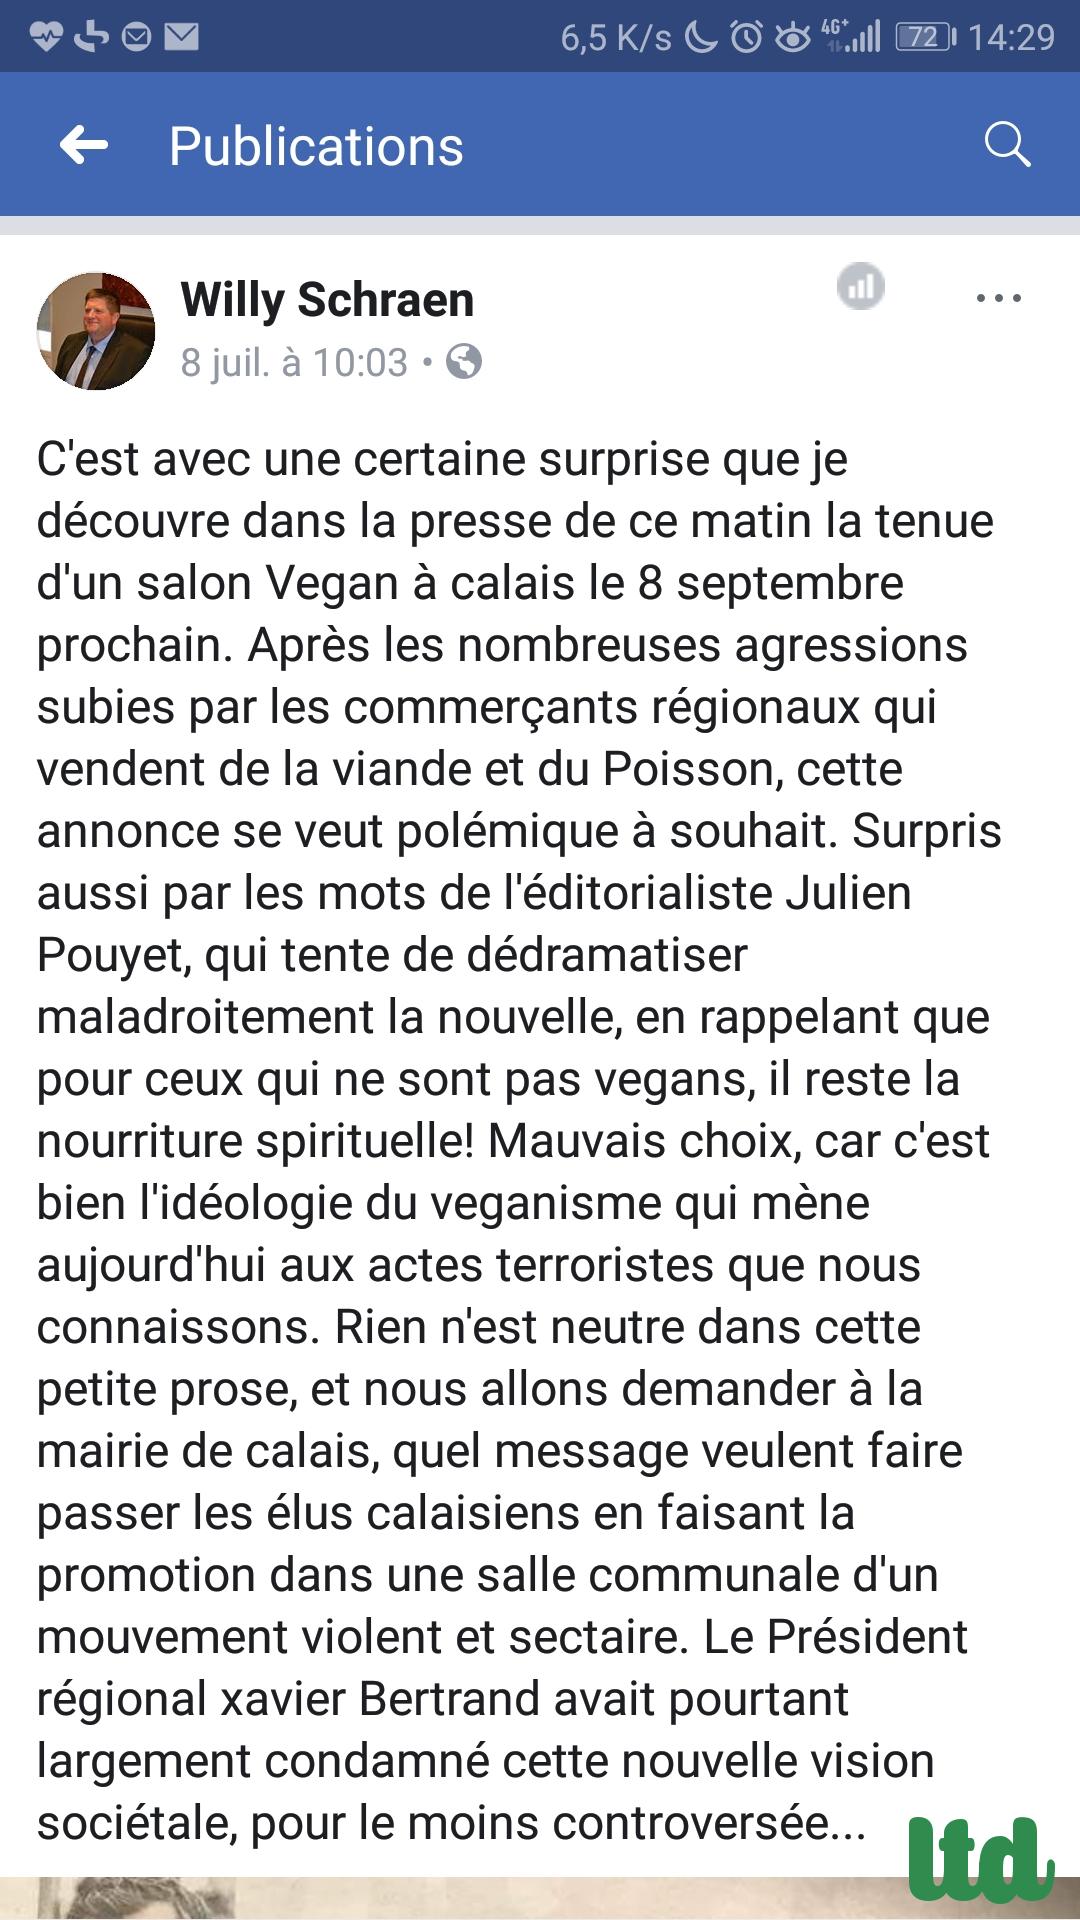 Le festival vegan de Calais annulé par l'Etat devant les menaces de violence des bouchers-charcutiers et chasseurs